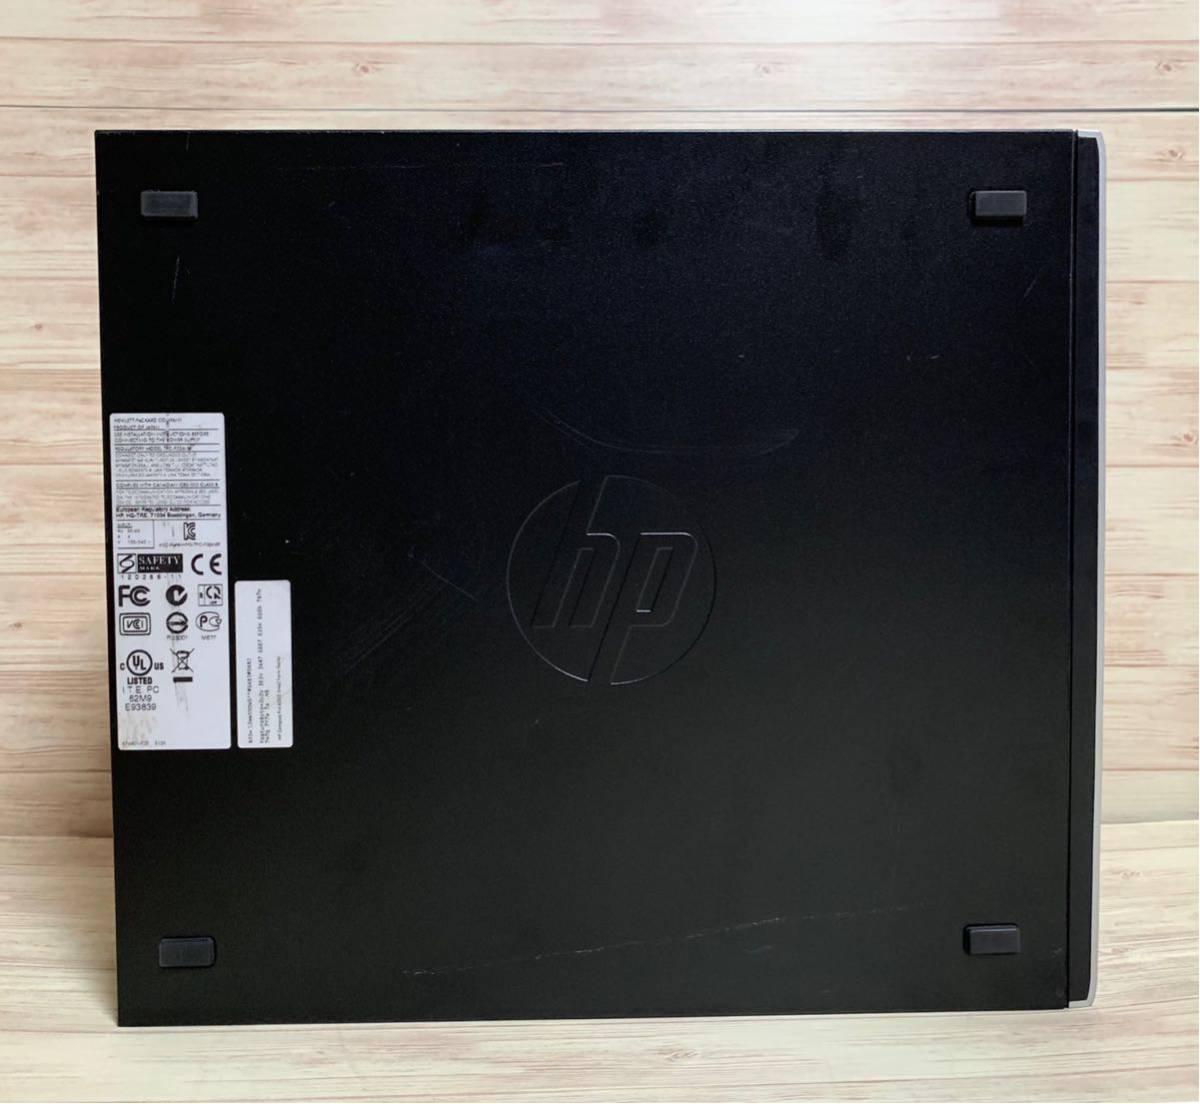 ■ 新品SSD搭載! ■ Core i5 3470 ■ SSD 240GB + HDD 500GB ■ メモリ8GB ■ HP Compaq 6300 SF ■ Win10 ■ office ■ DtoD_画像4